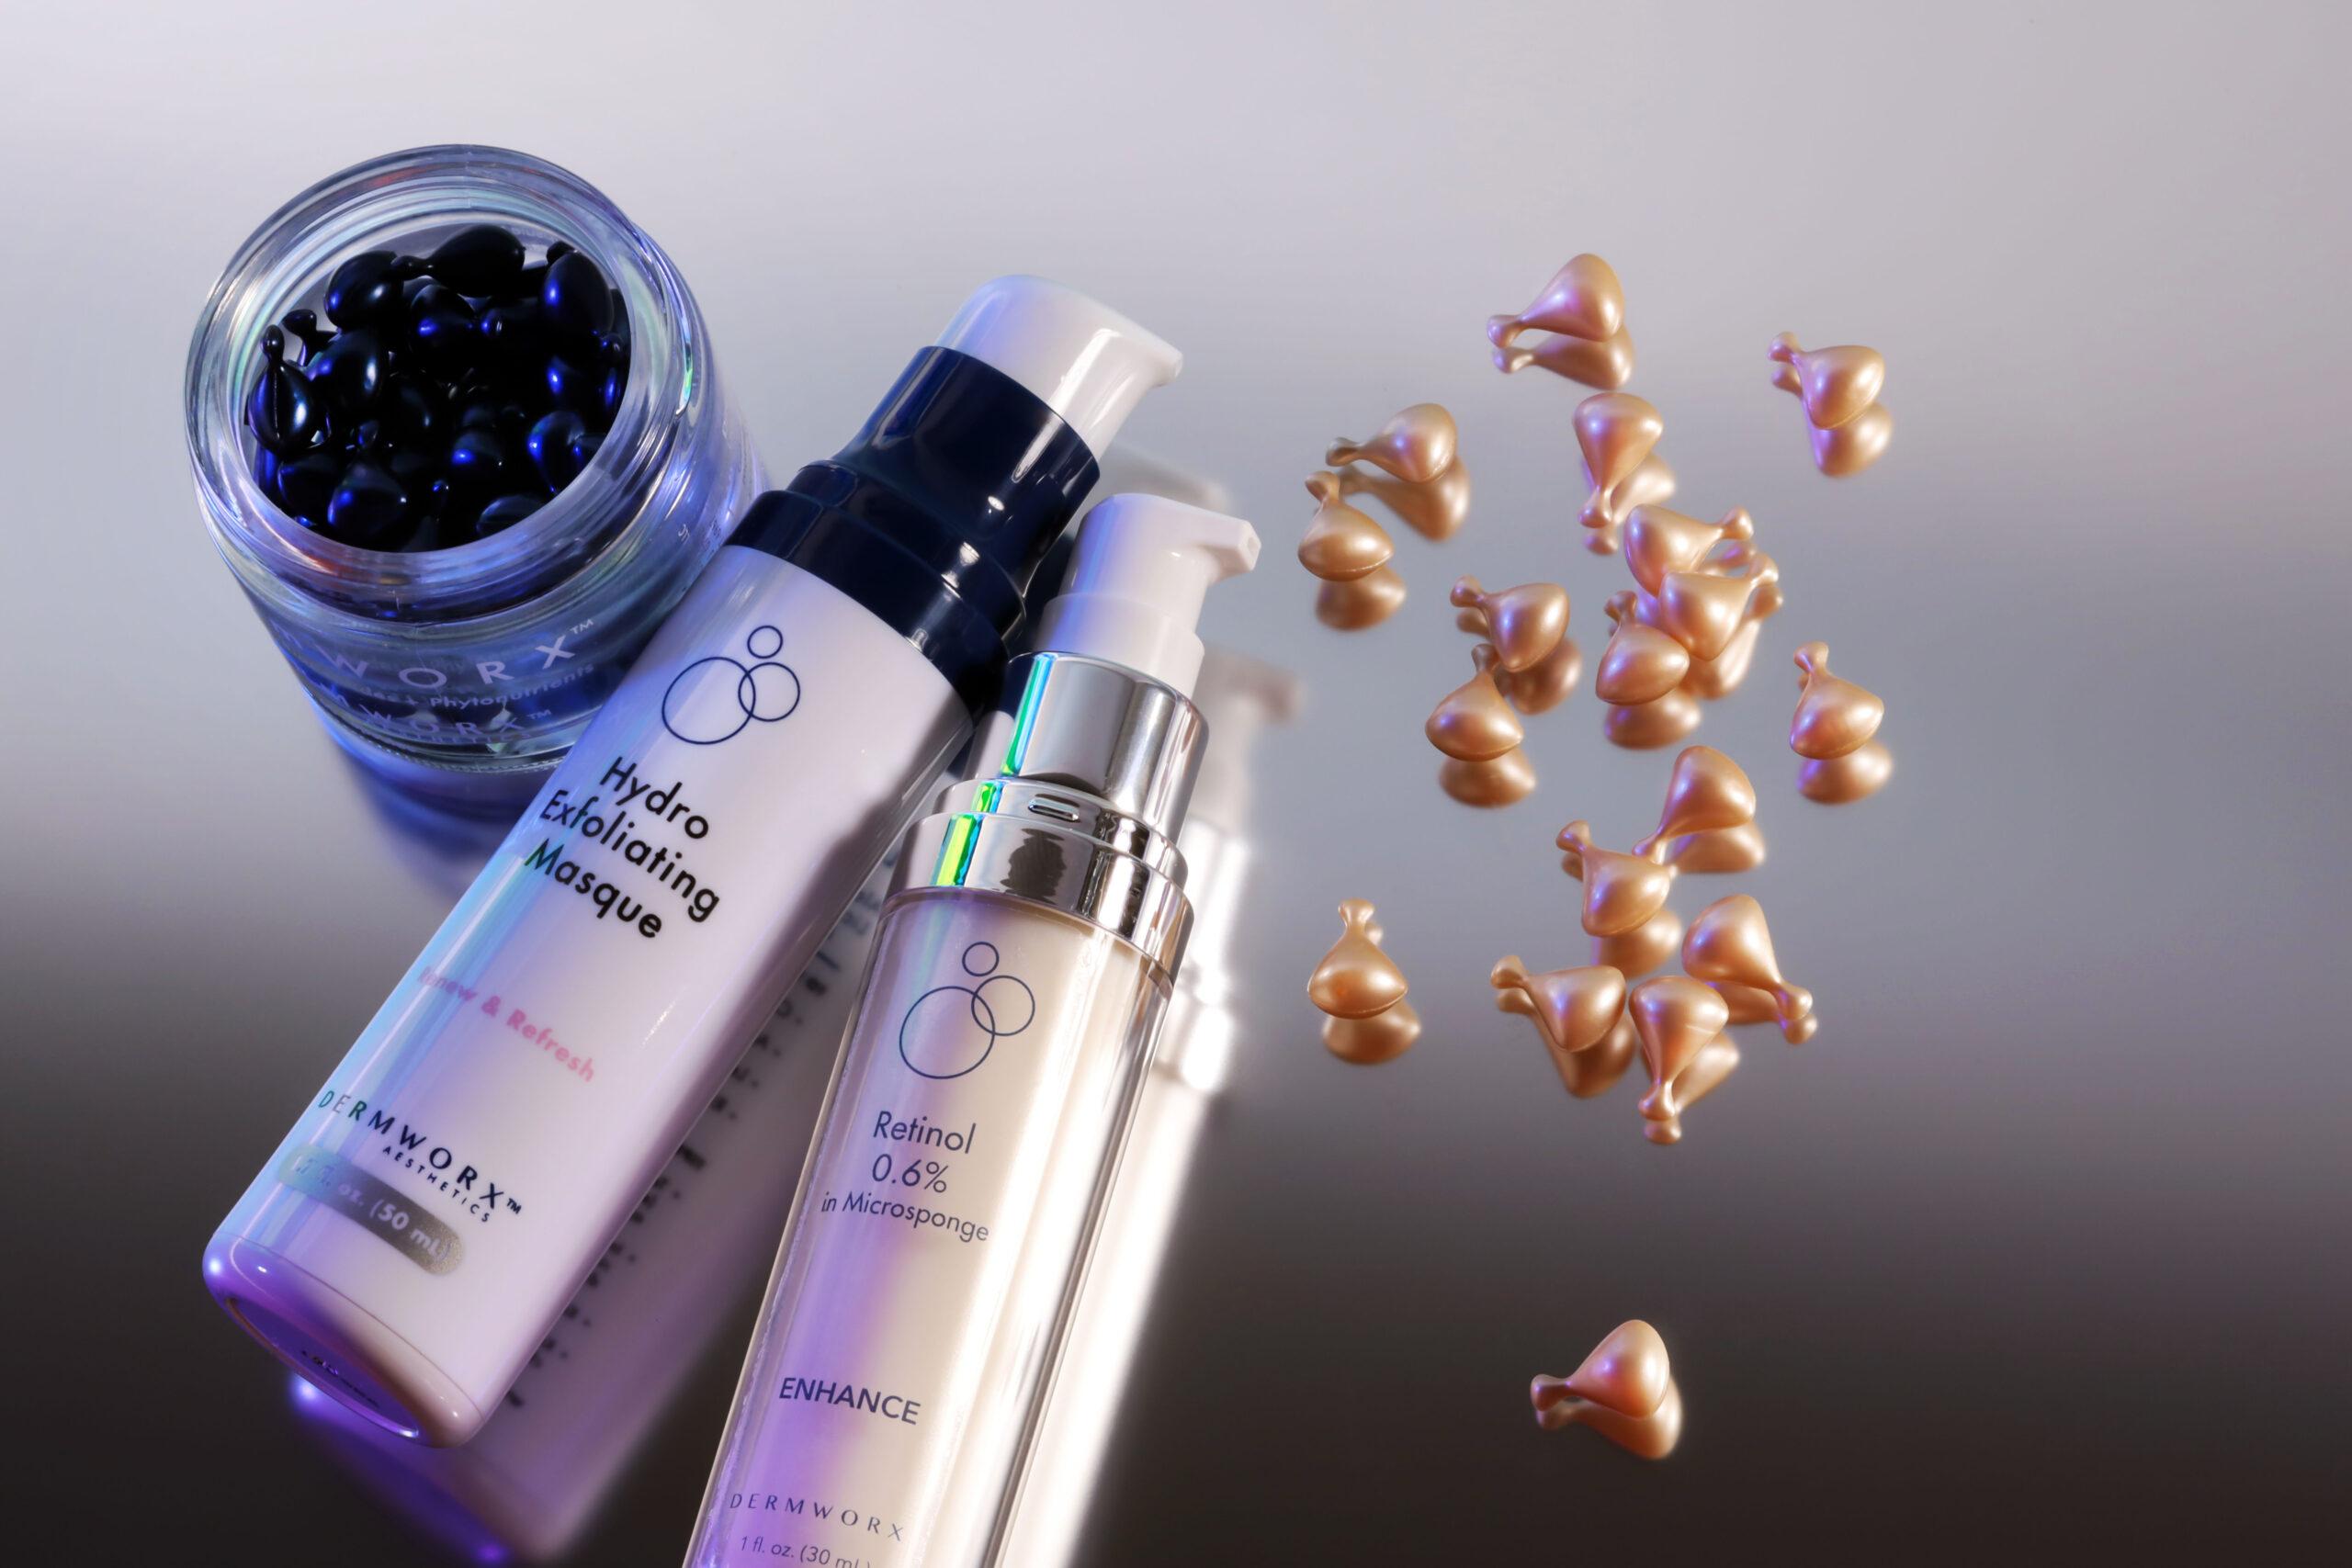 dermworx skincare dermatologist recommend